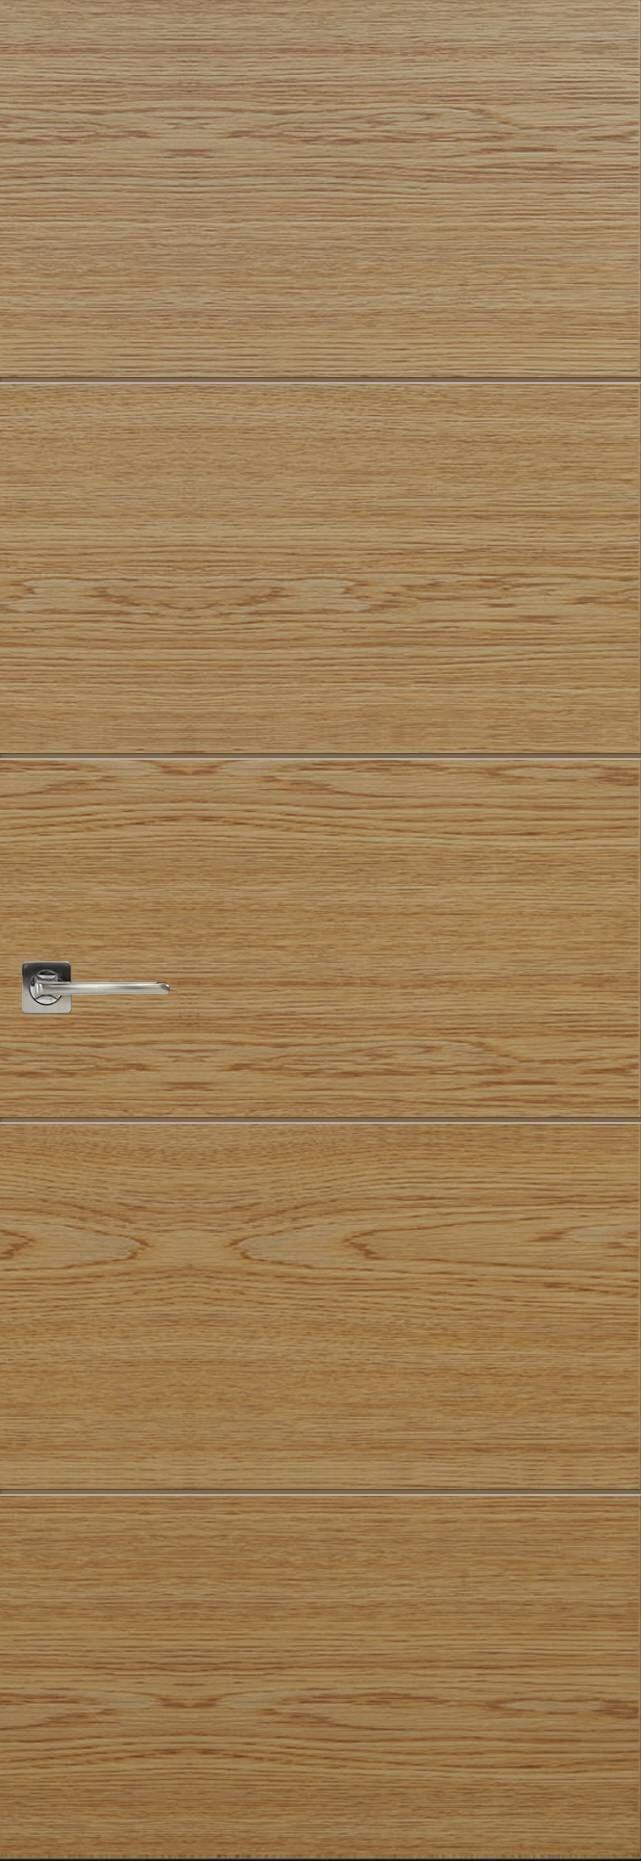 Tivoli Д-2 Invisible цвет - Дуб карамель Без стекла (ДГ)